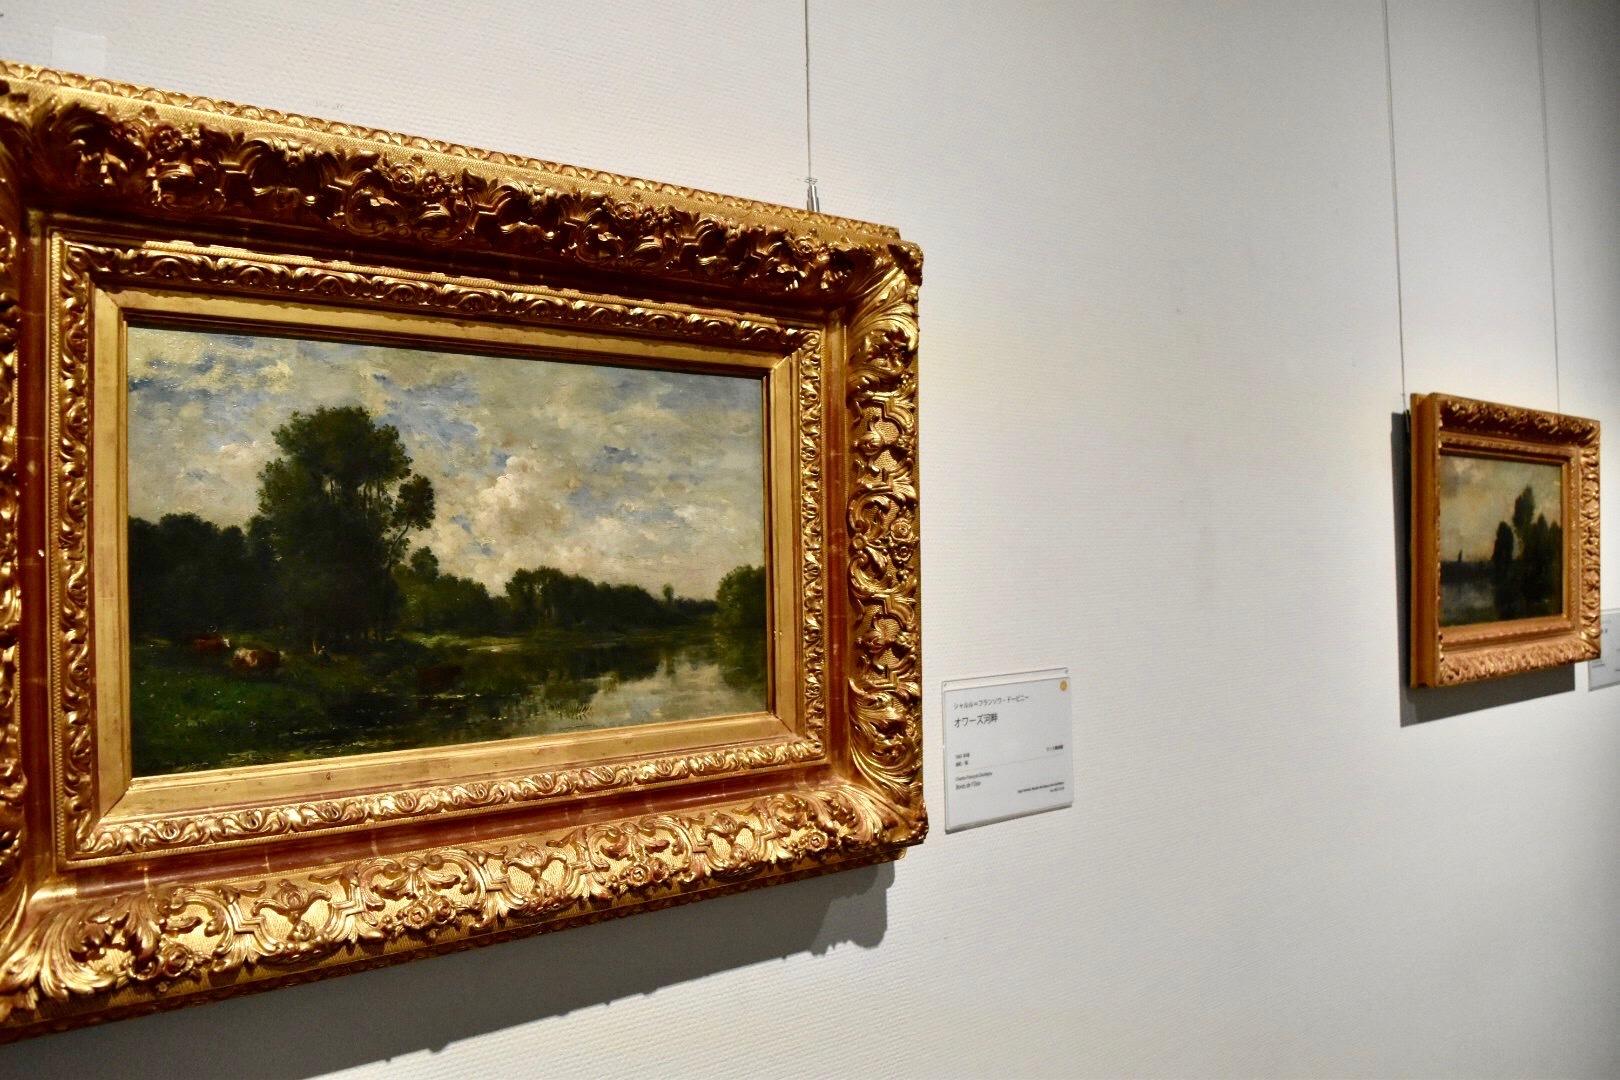 左:シャルル=フランソワ・ドービニー 《オワーズ河畔》 1865年頃 ランス美術館蔵